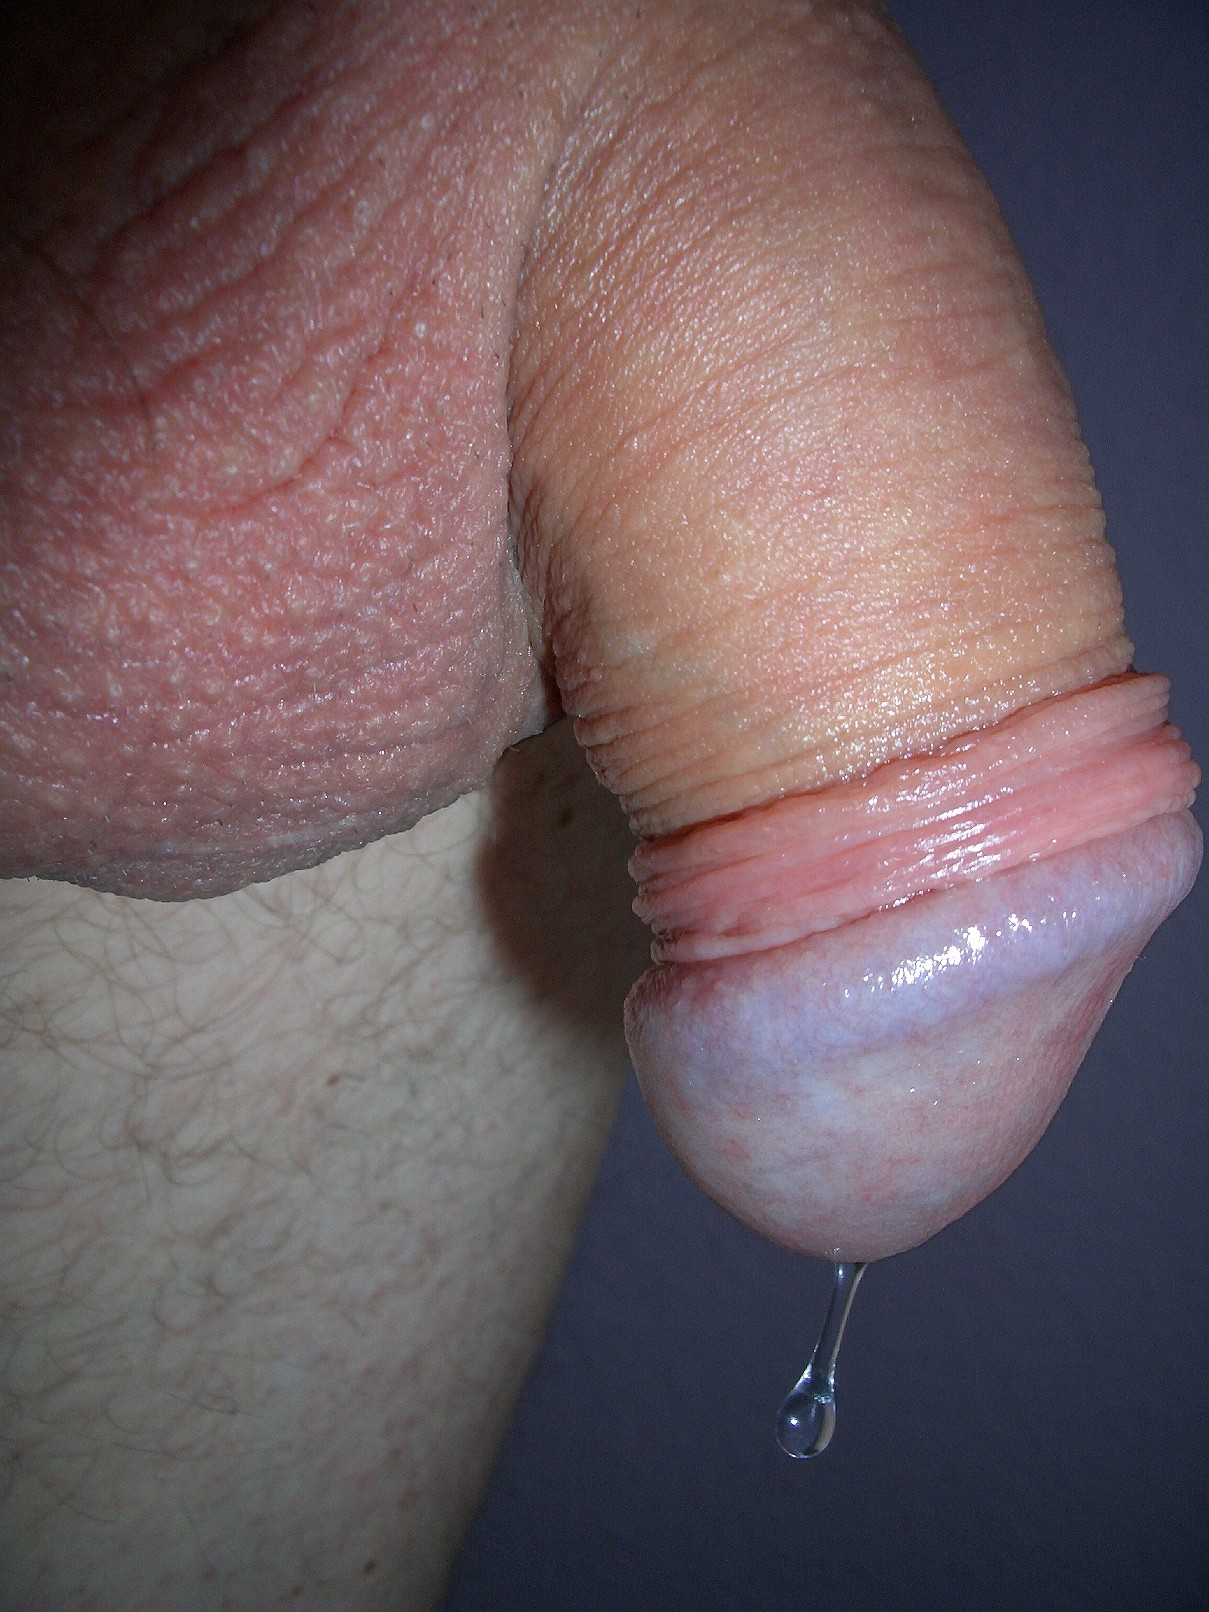 bbw amateur czech nude